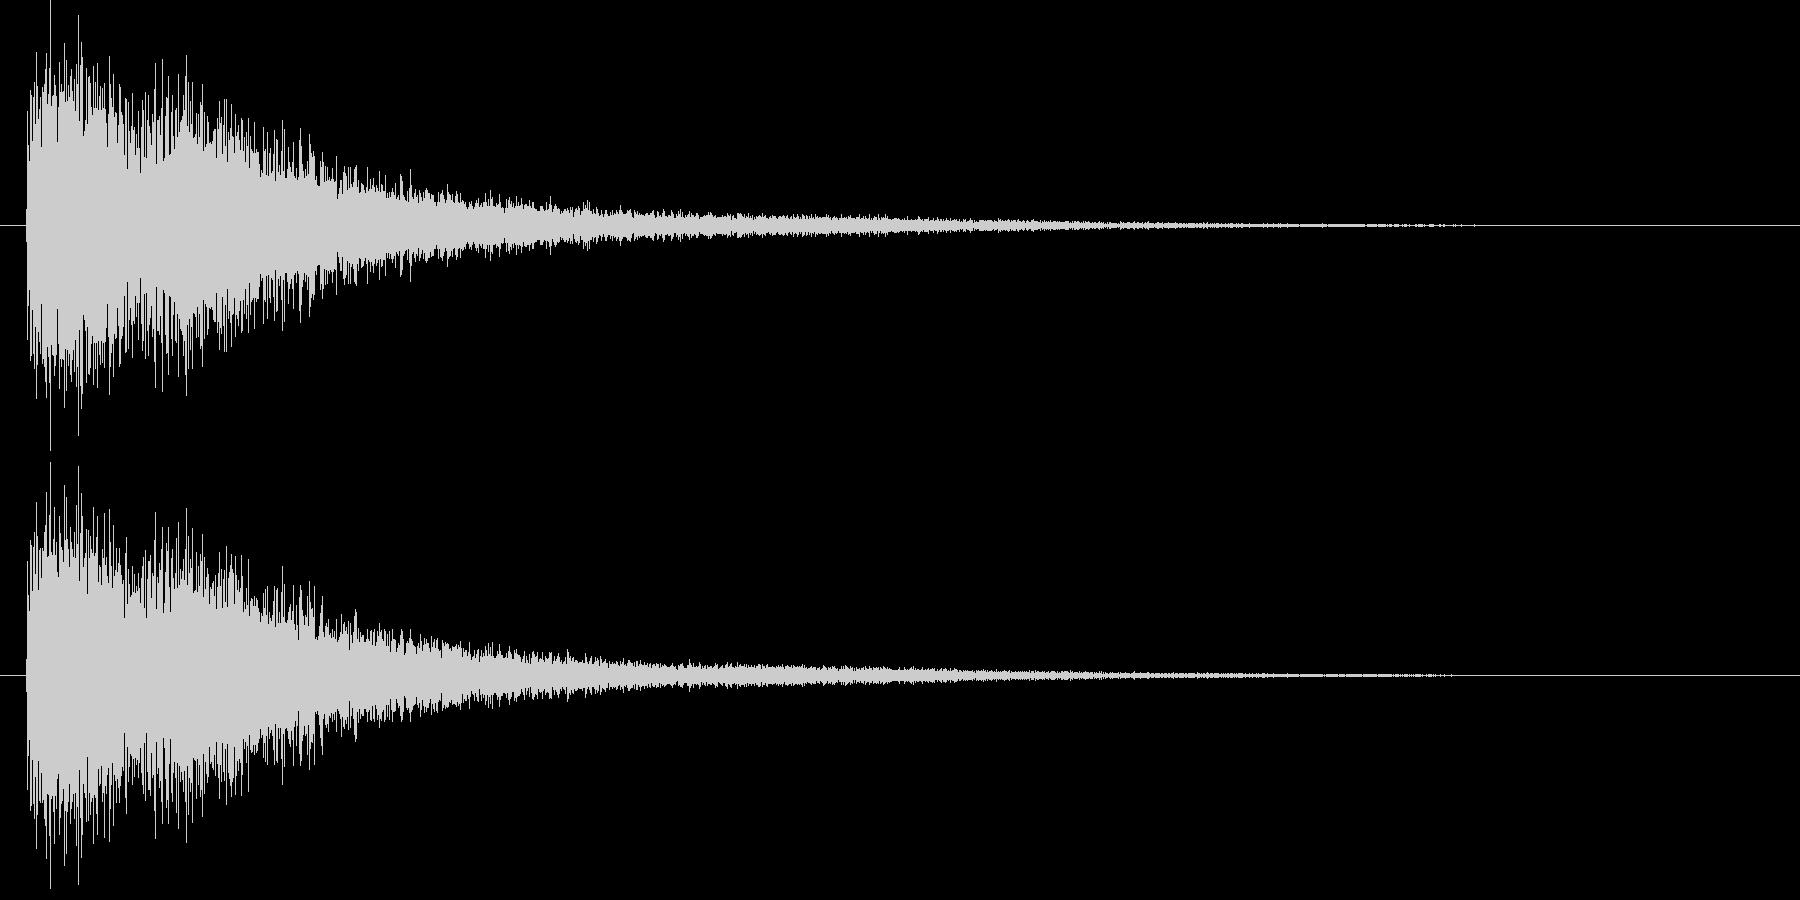 [シャン]中華風シンバル/中国/05の未再生の波形